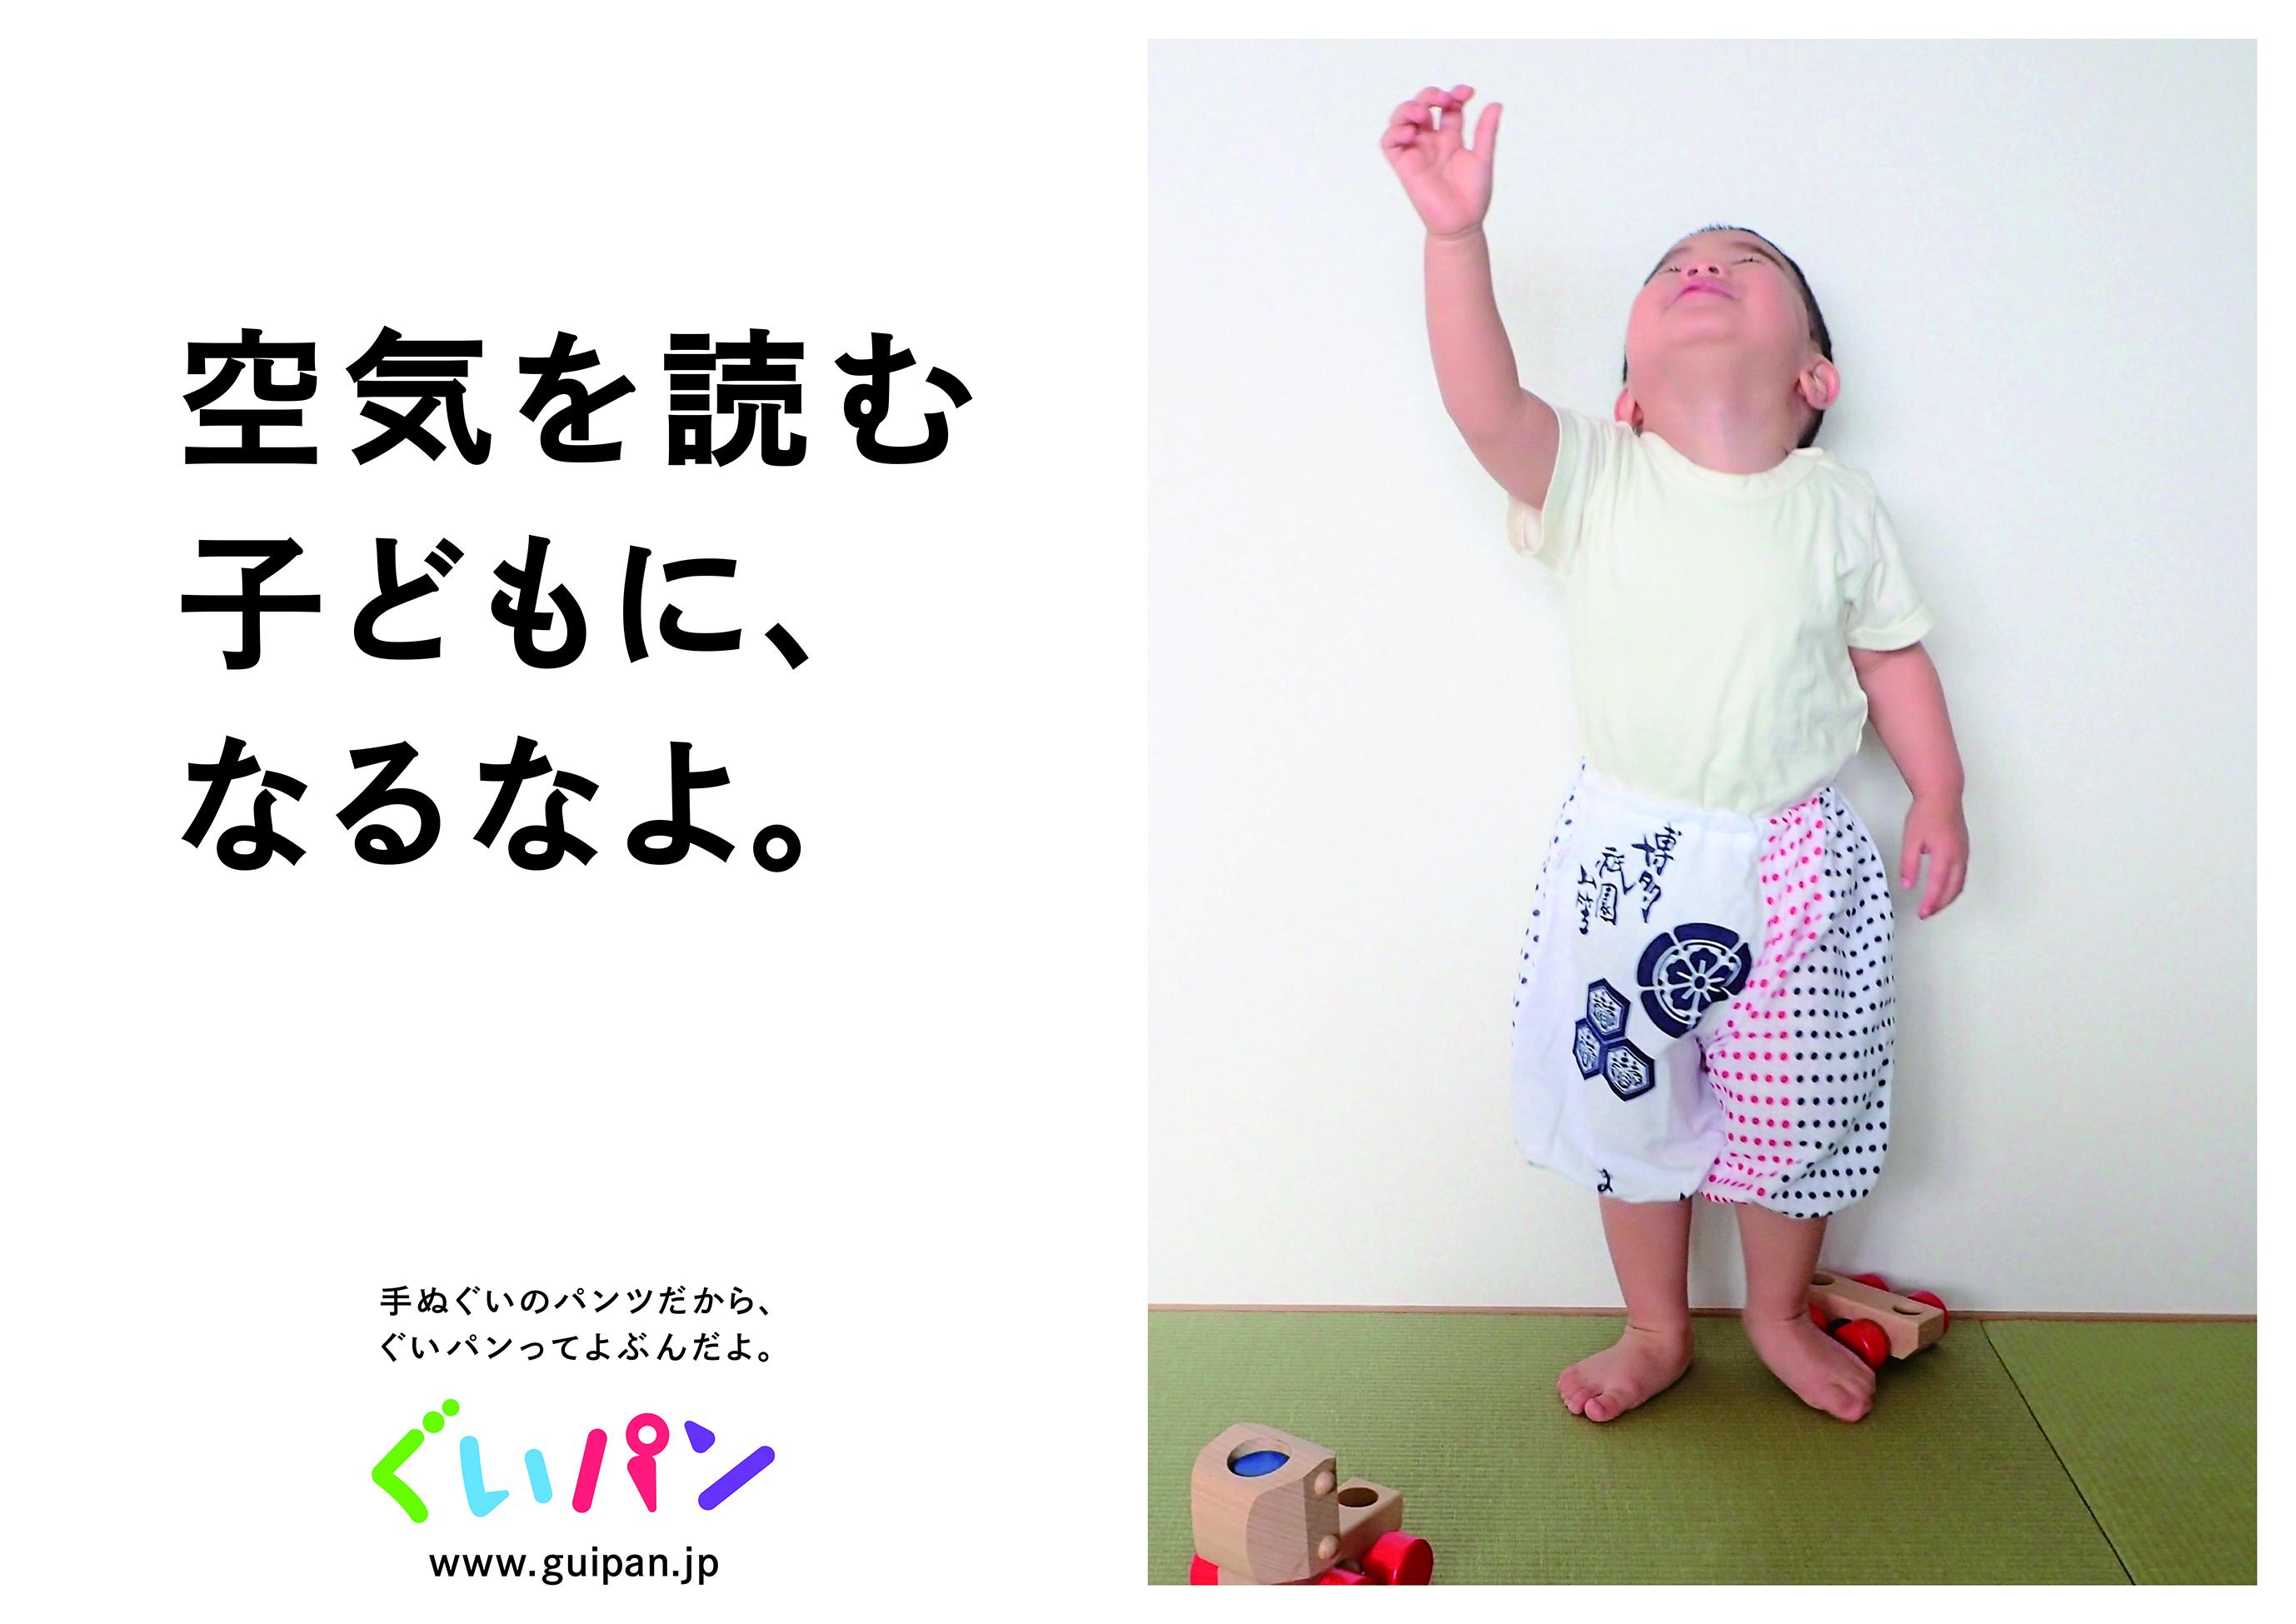 A2yoko_6ol